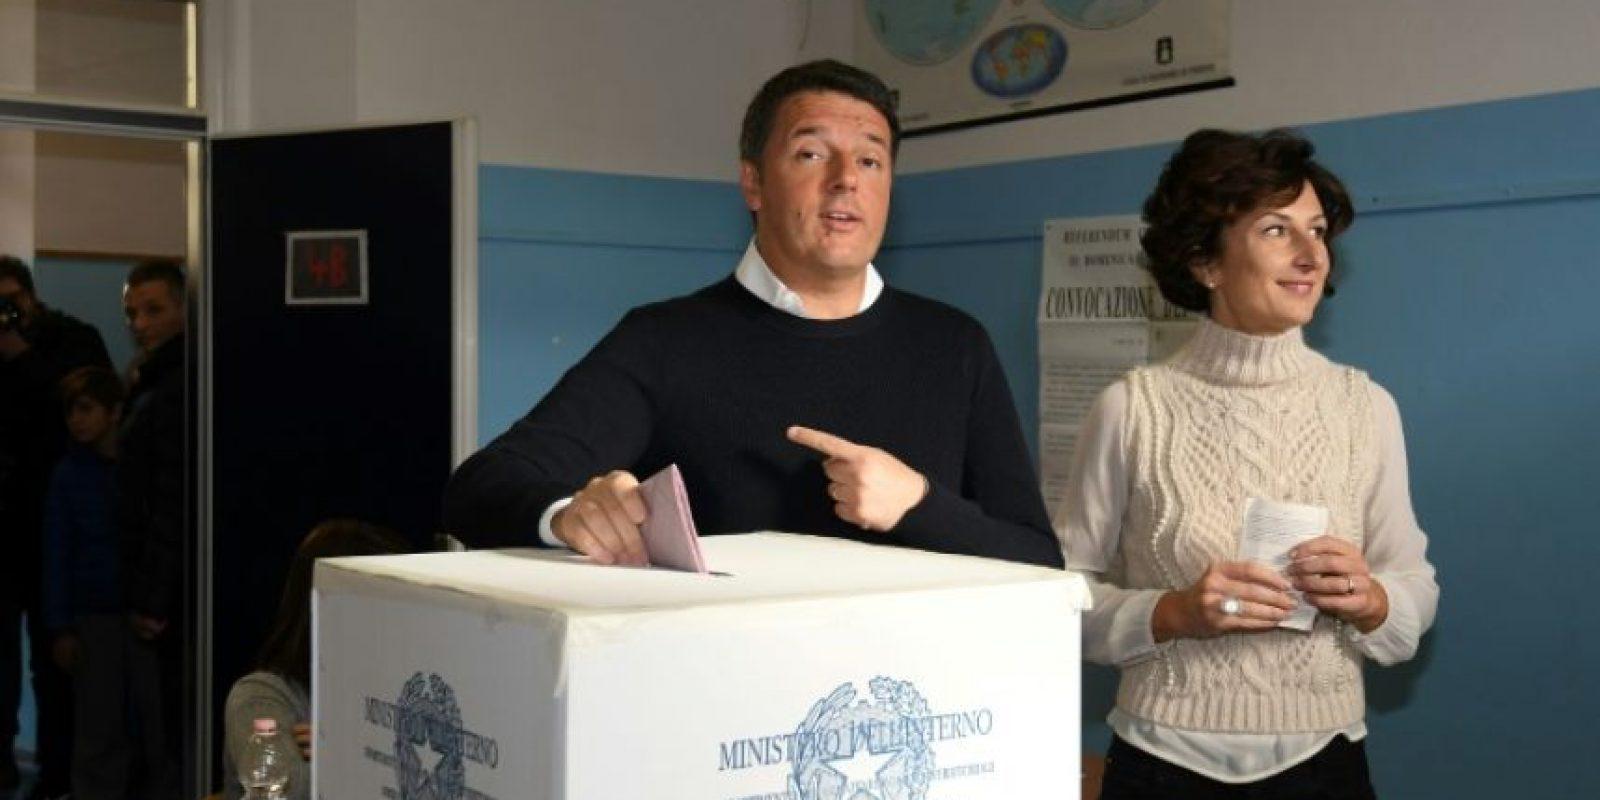 El primer ministro italiano, Matteo Renzi, y su esposa, Agnese Landini, votan en el referéndum sobre la reforma constitucional en Italia, el 4 de diciembre de 2016 en Florencia Foto:Claudio Giovannini/afp.com